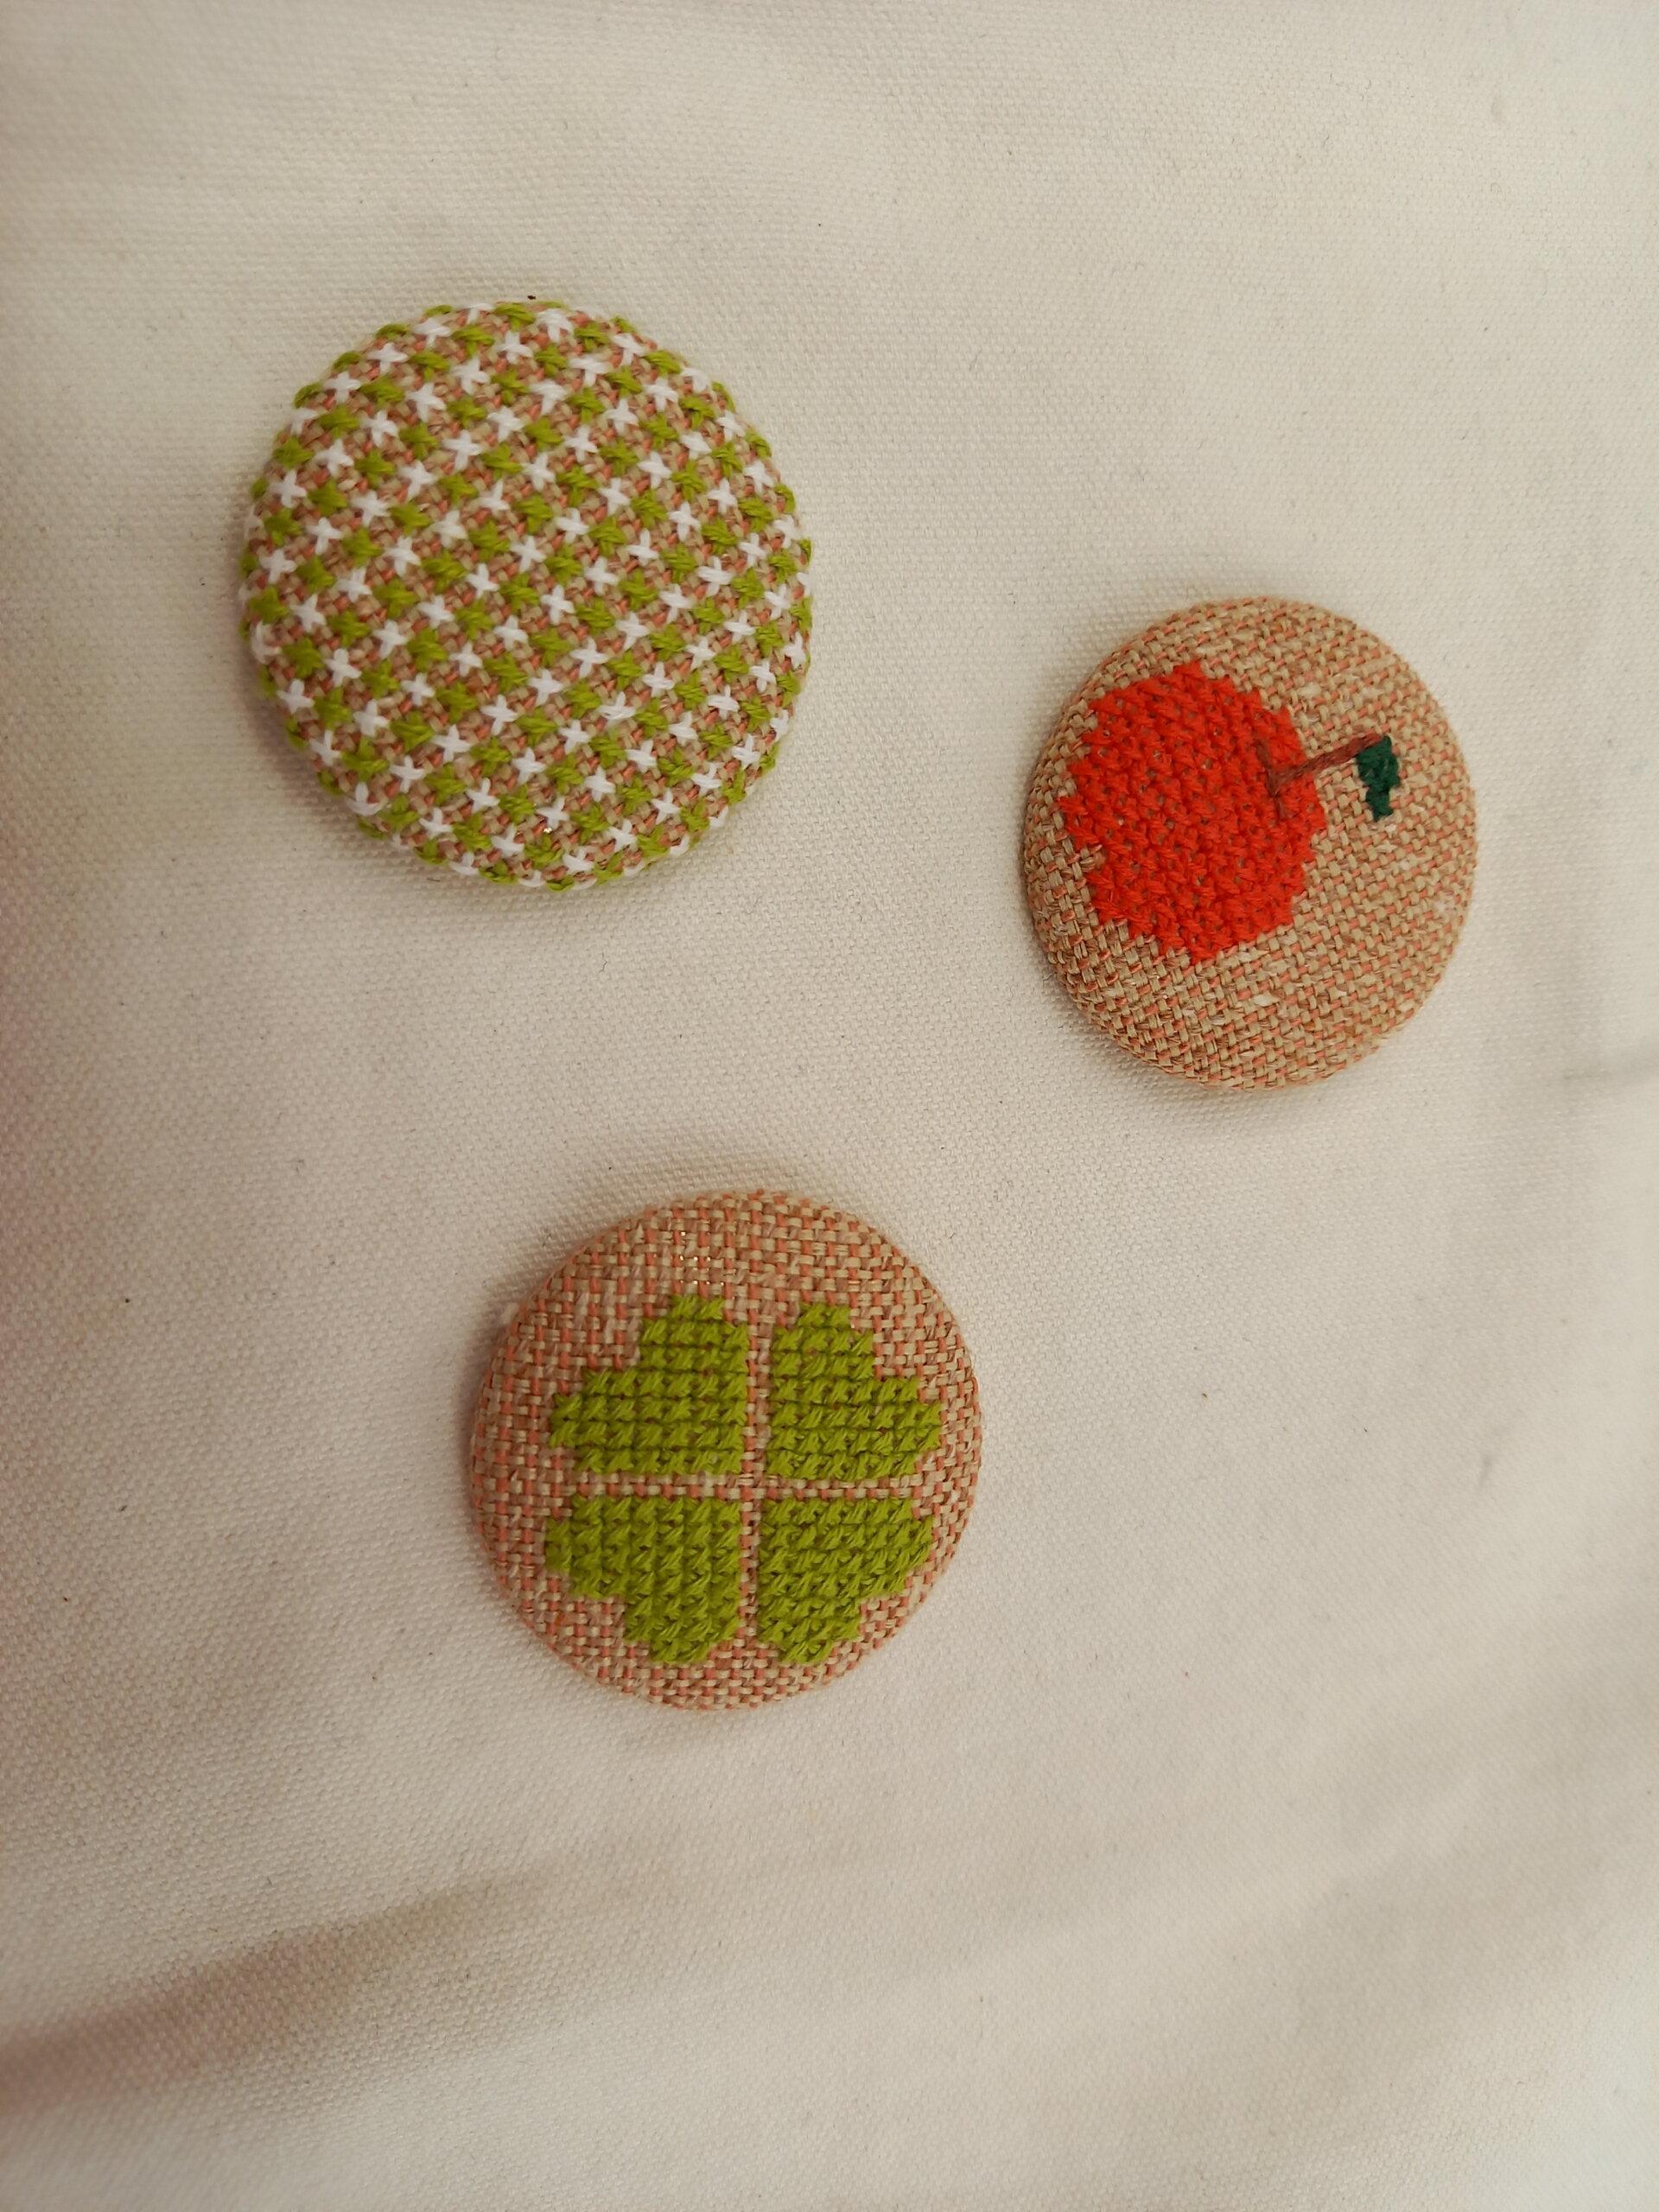 Mさんの刺繍作品